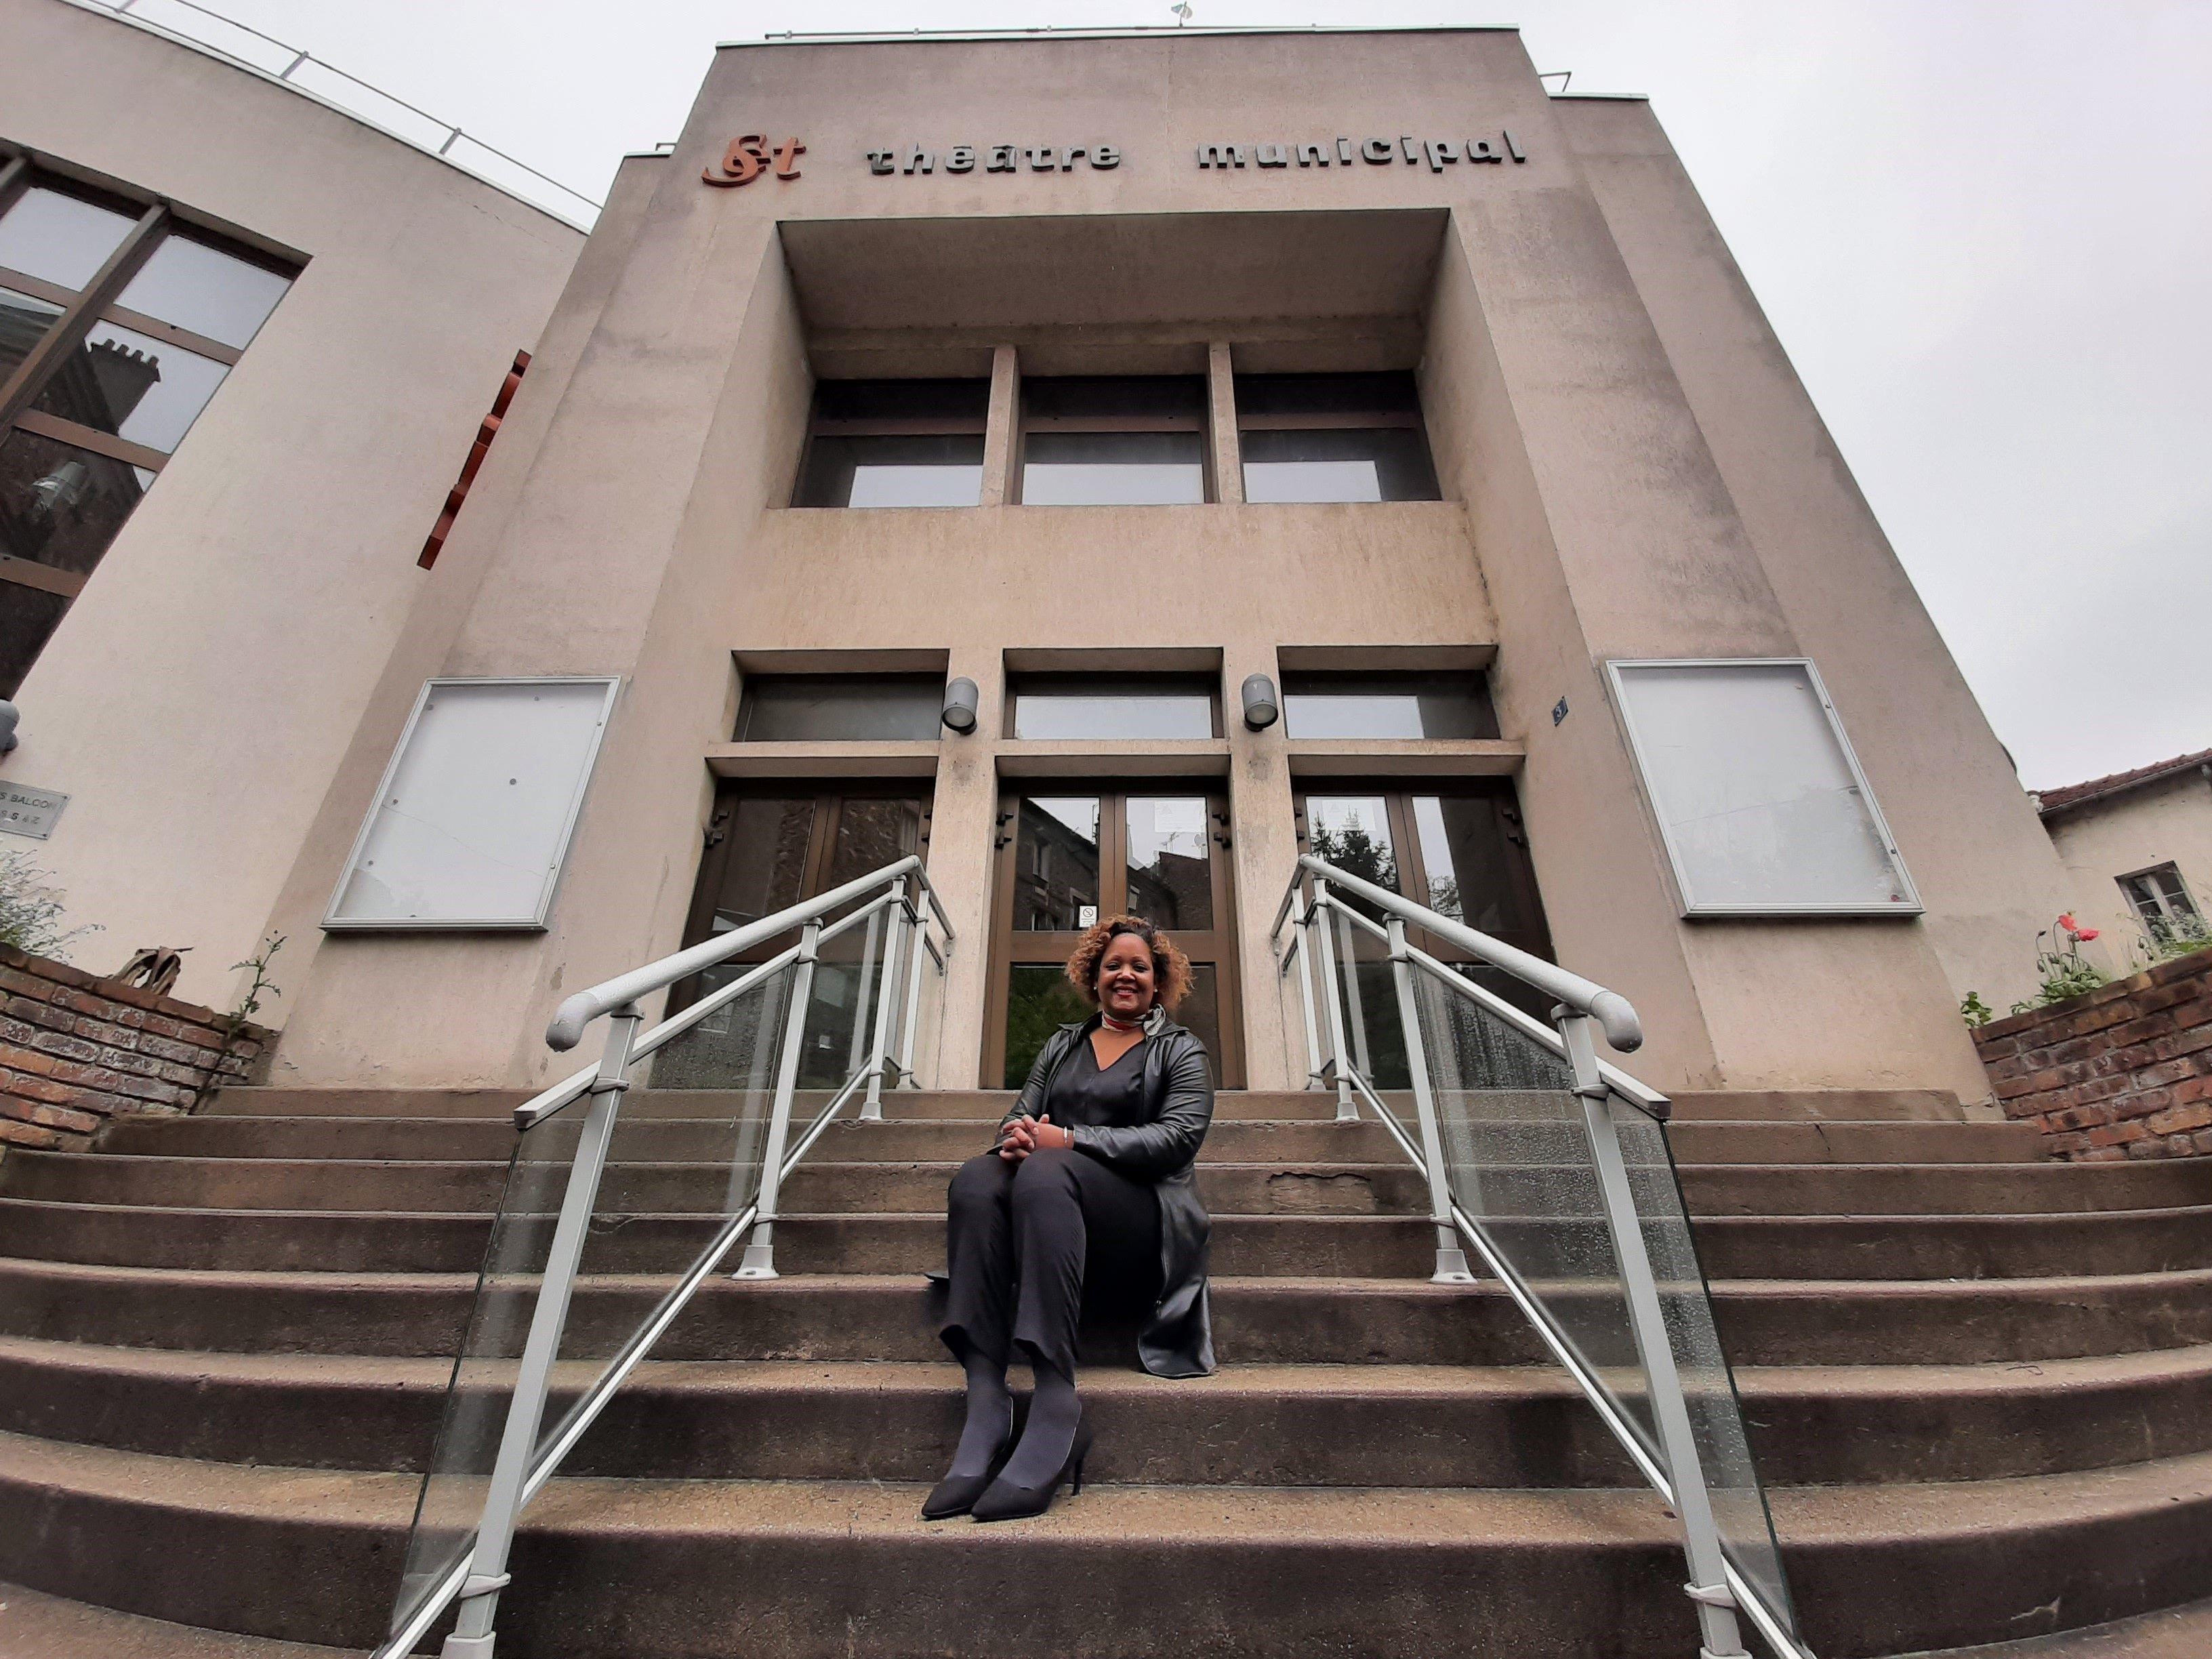 Ile-de-France : avis aux talents cachés, le concours Voix des Outre-Mer fait étape à Villeneuve-Saint-Georges